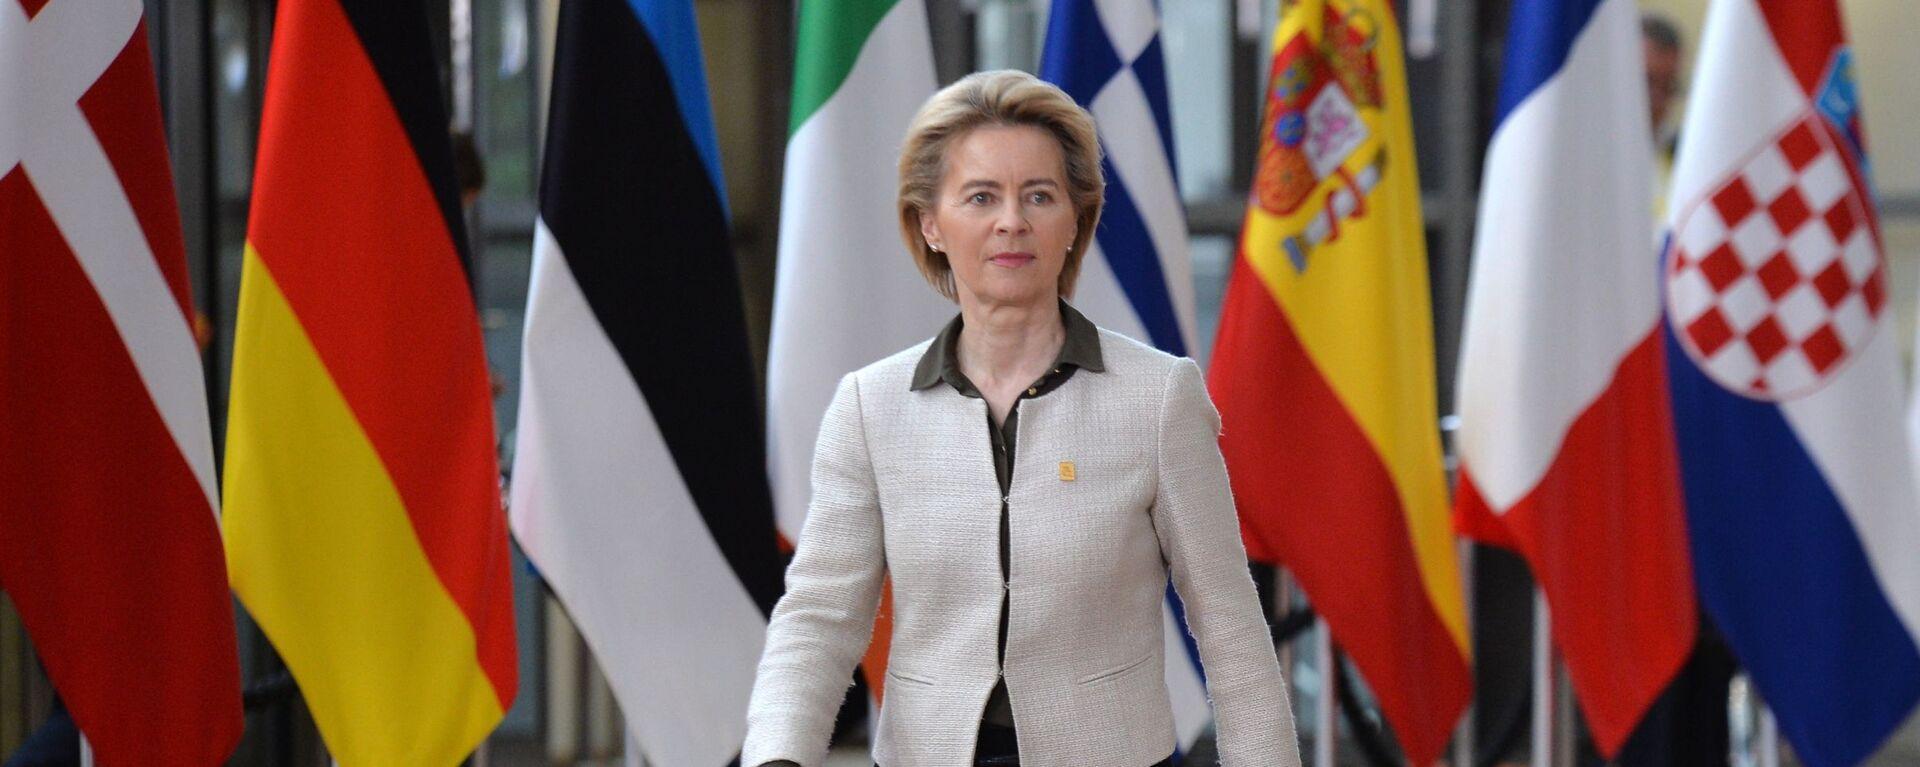 Předsedkyně Evropské komise Ursula von der Leyenová  - Sputnik Česká republika, 1920, 25.05.2021